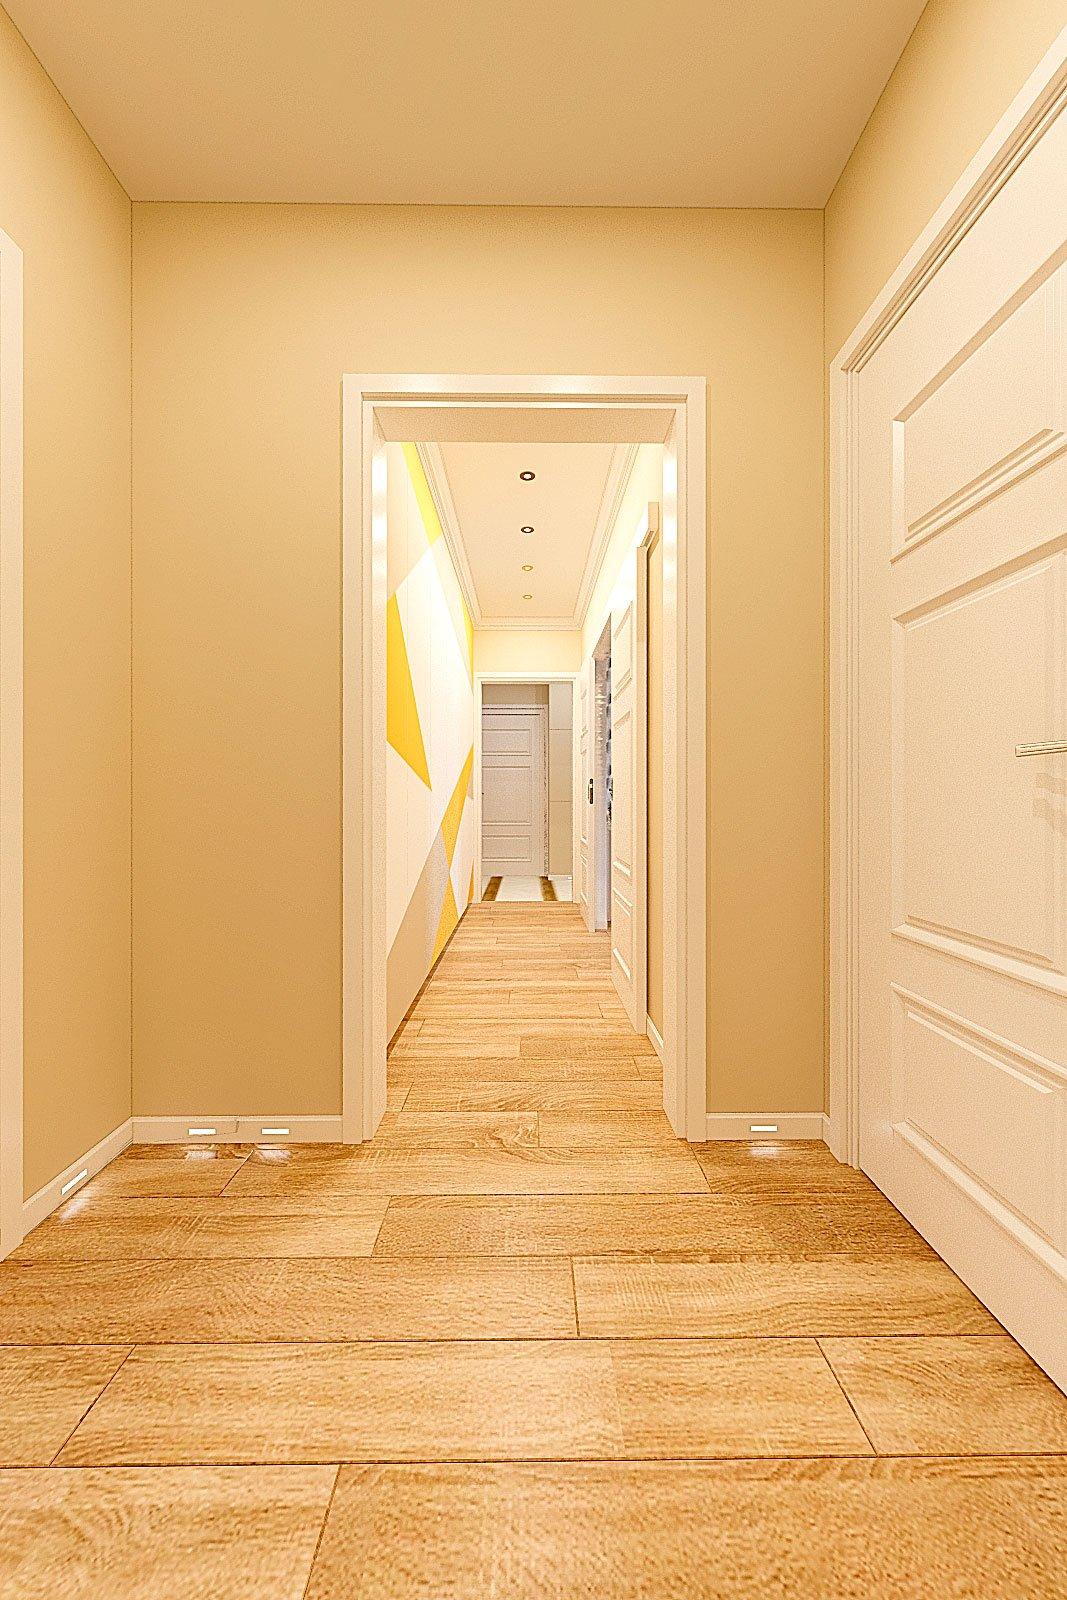 дизайн интерьера коридора в современном стиле, Гомель 2018, фото №2